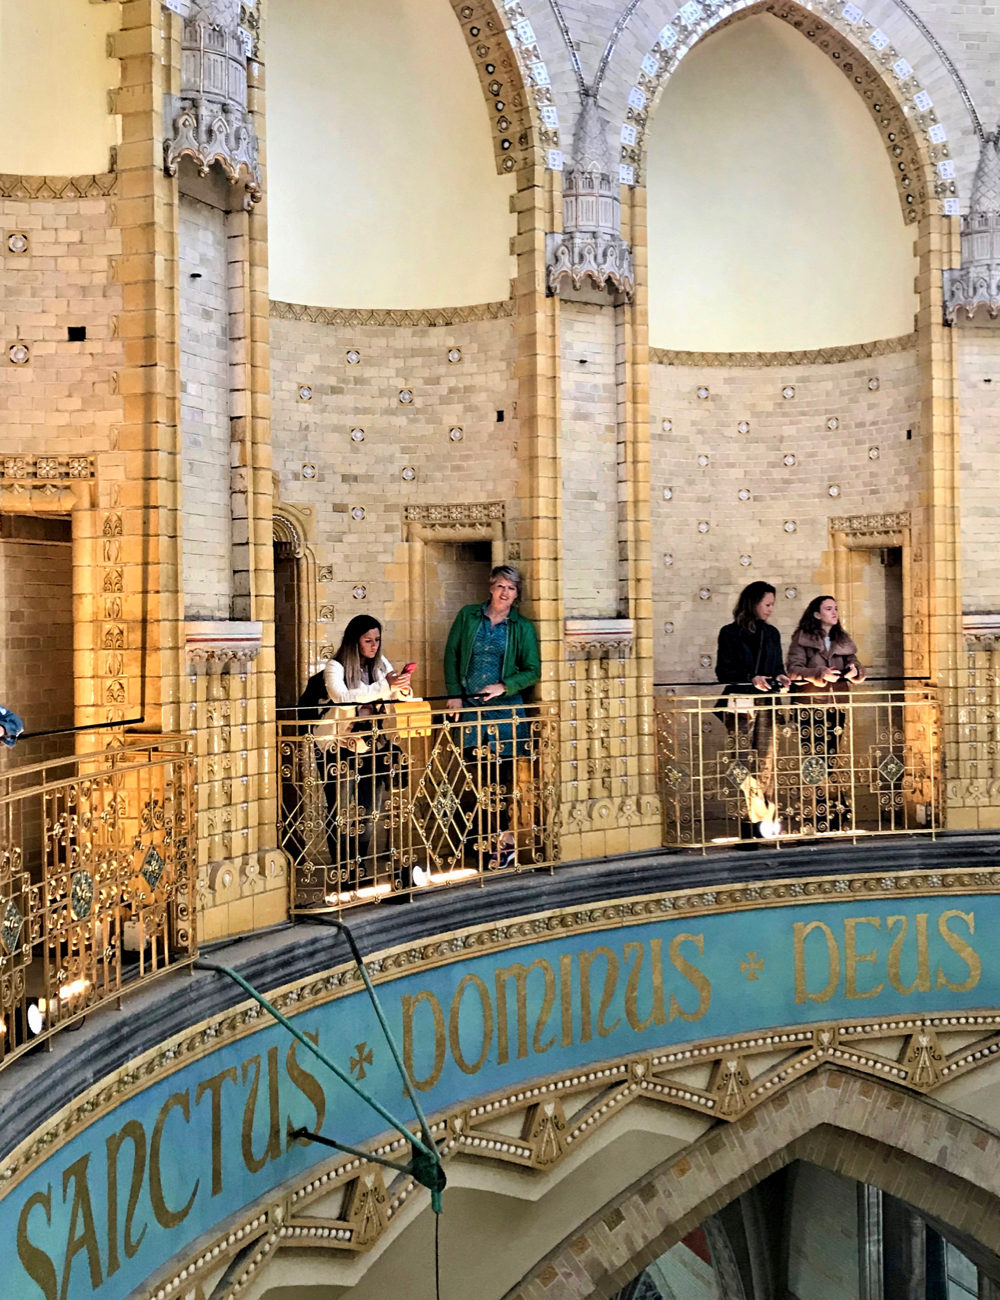 De koepel aan de binnenzijde van de kathedraal